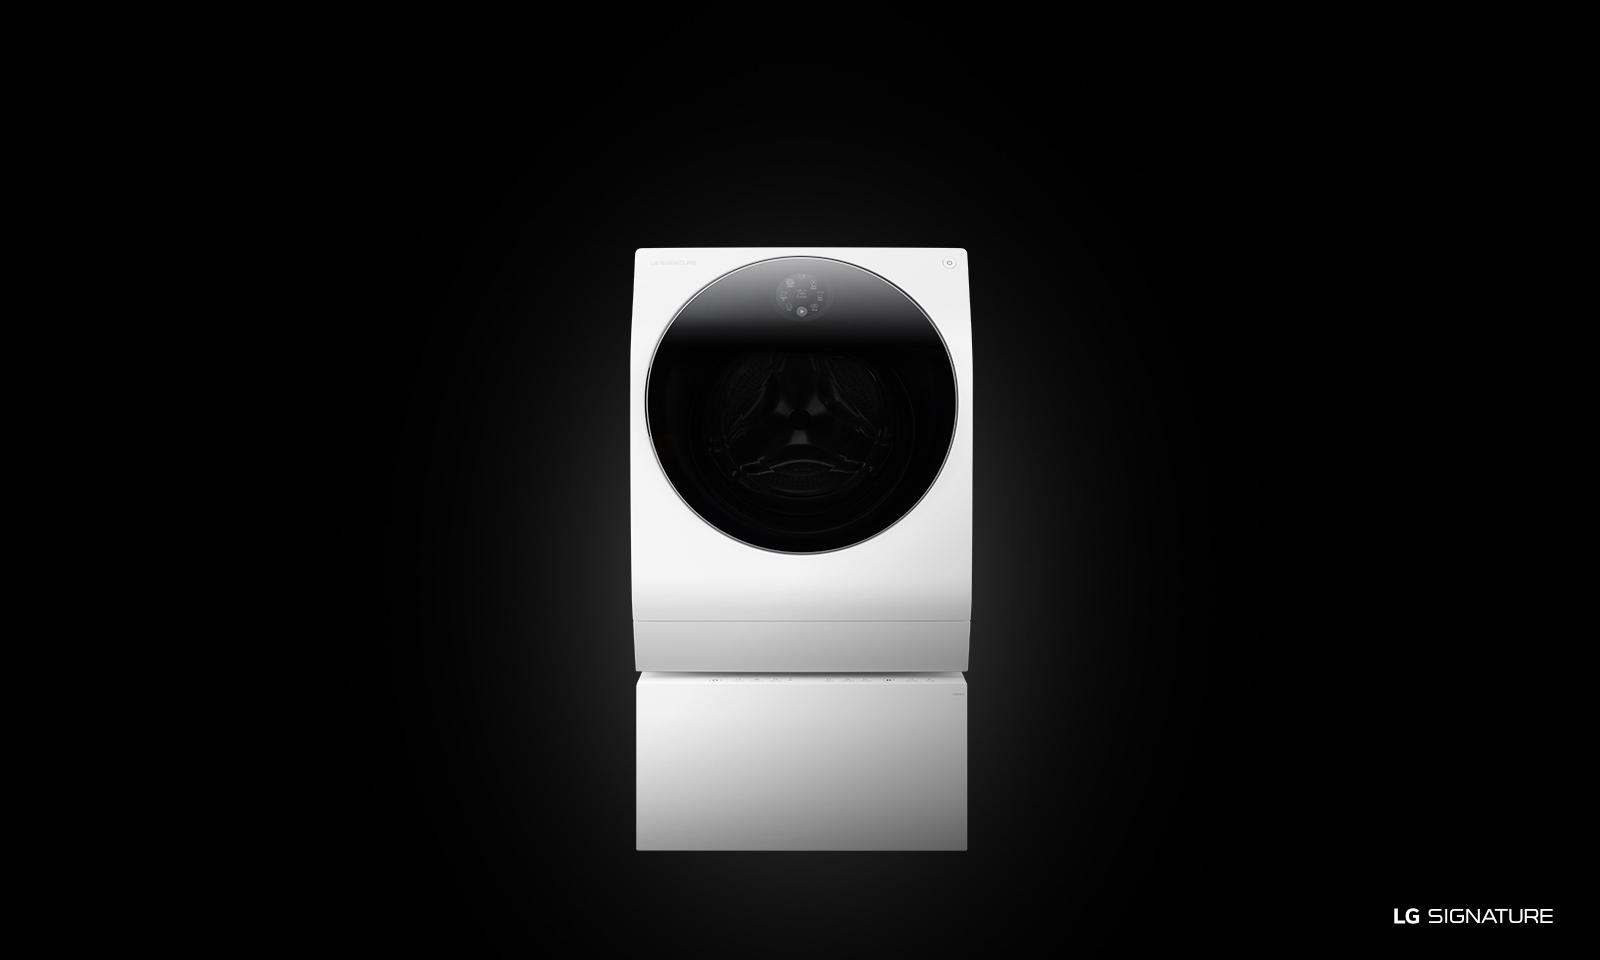 【艾普兰金奖产品推荐】LGSIGNATURE玺印 洗衣机 WDRH657A0PW